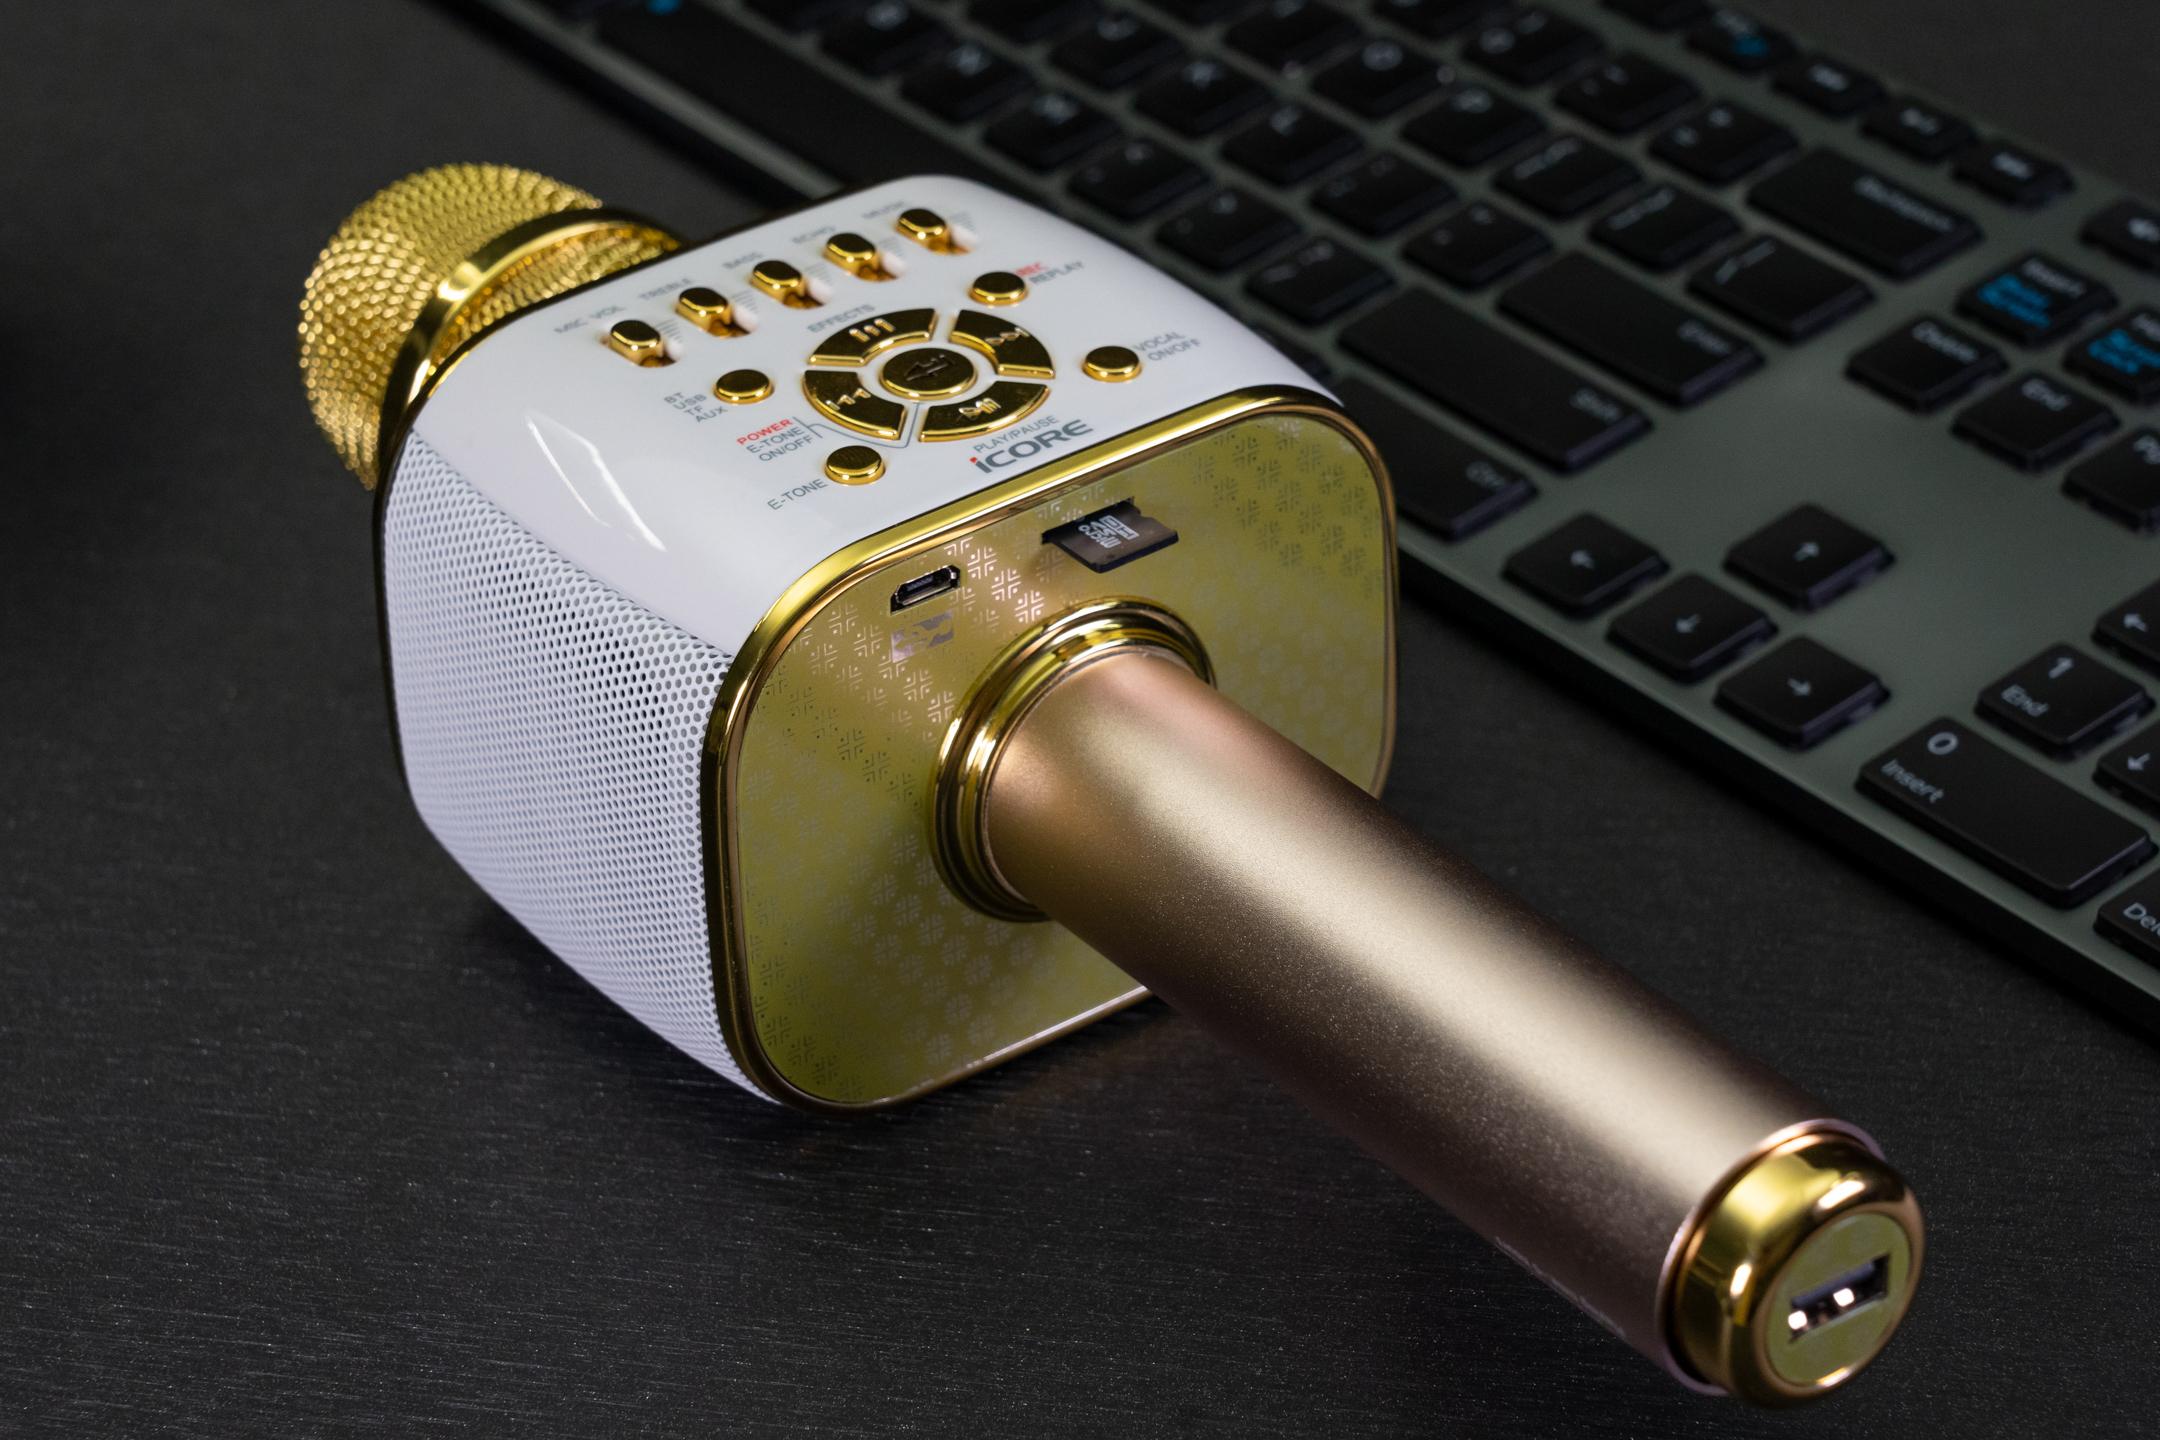 Micro karaoke bluetooth iCore IC-M99. Thu âm bài hát vào thẻ nhớ, đổi giọng, ngắt lời ca sỹ. Micro livestream chất lượng - Hàng chính hãng